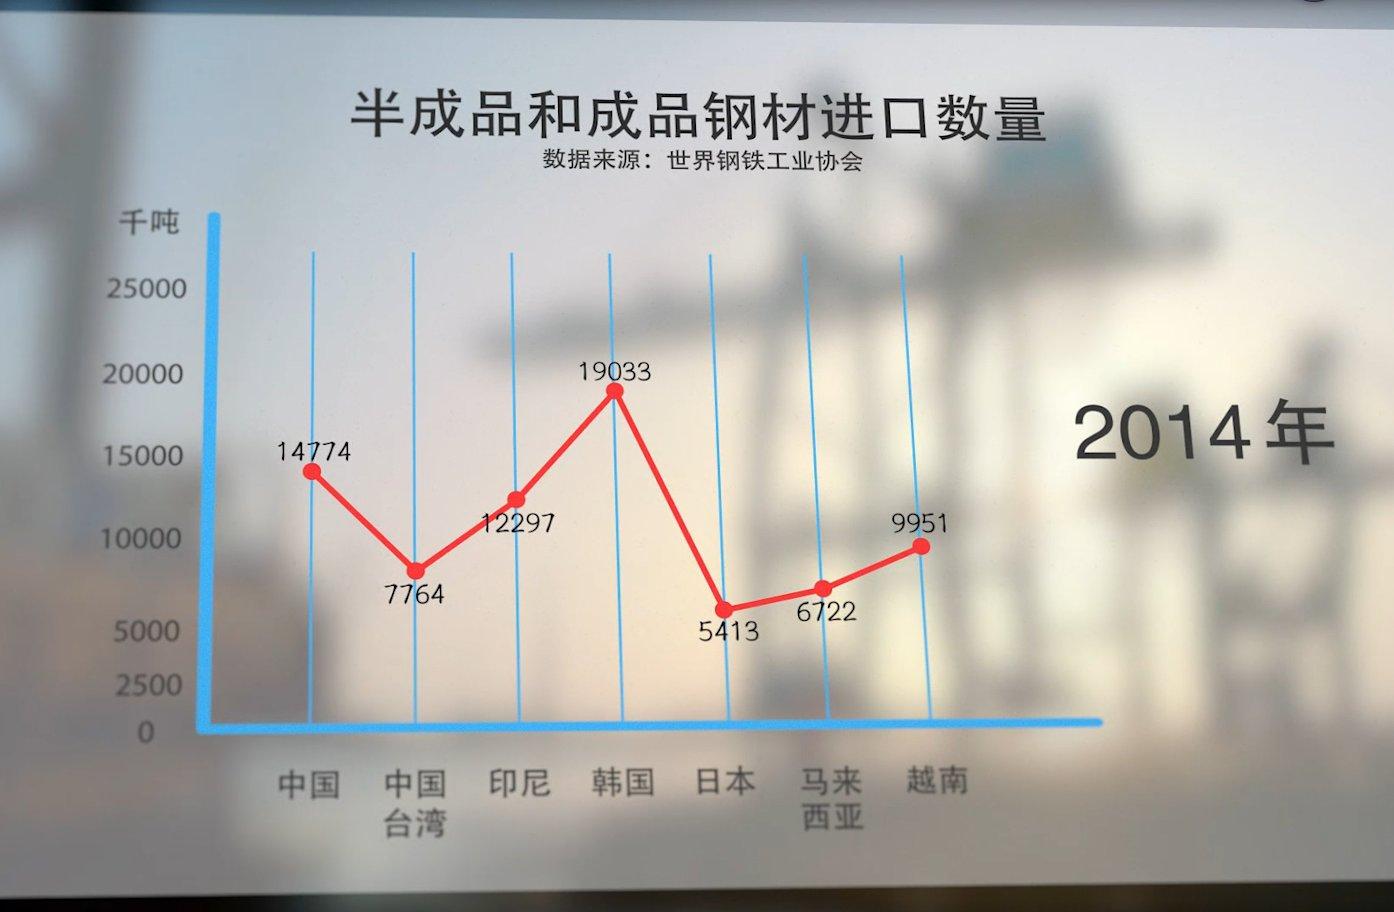 半成品和成品钢材进口数量